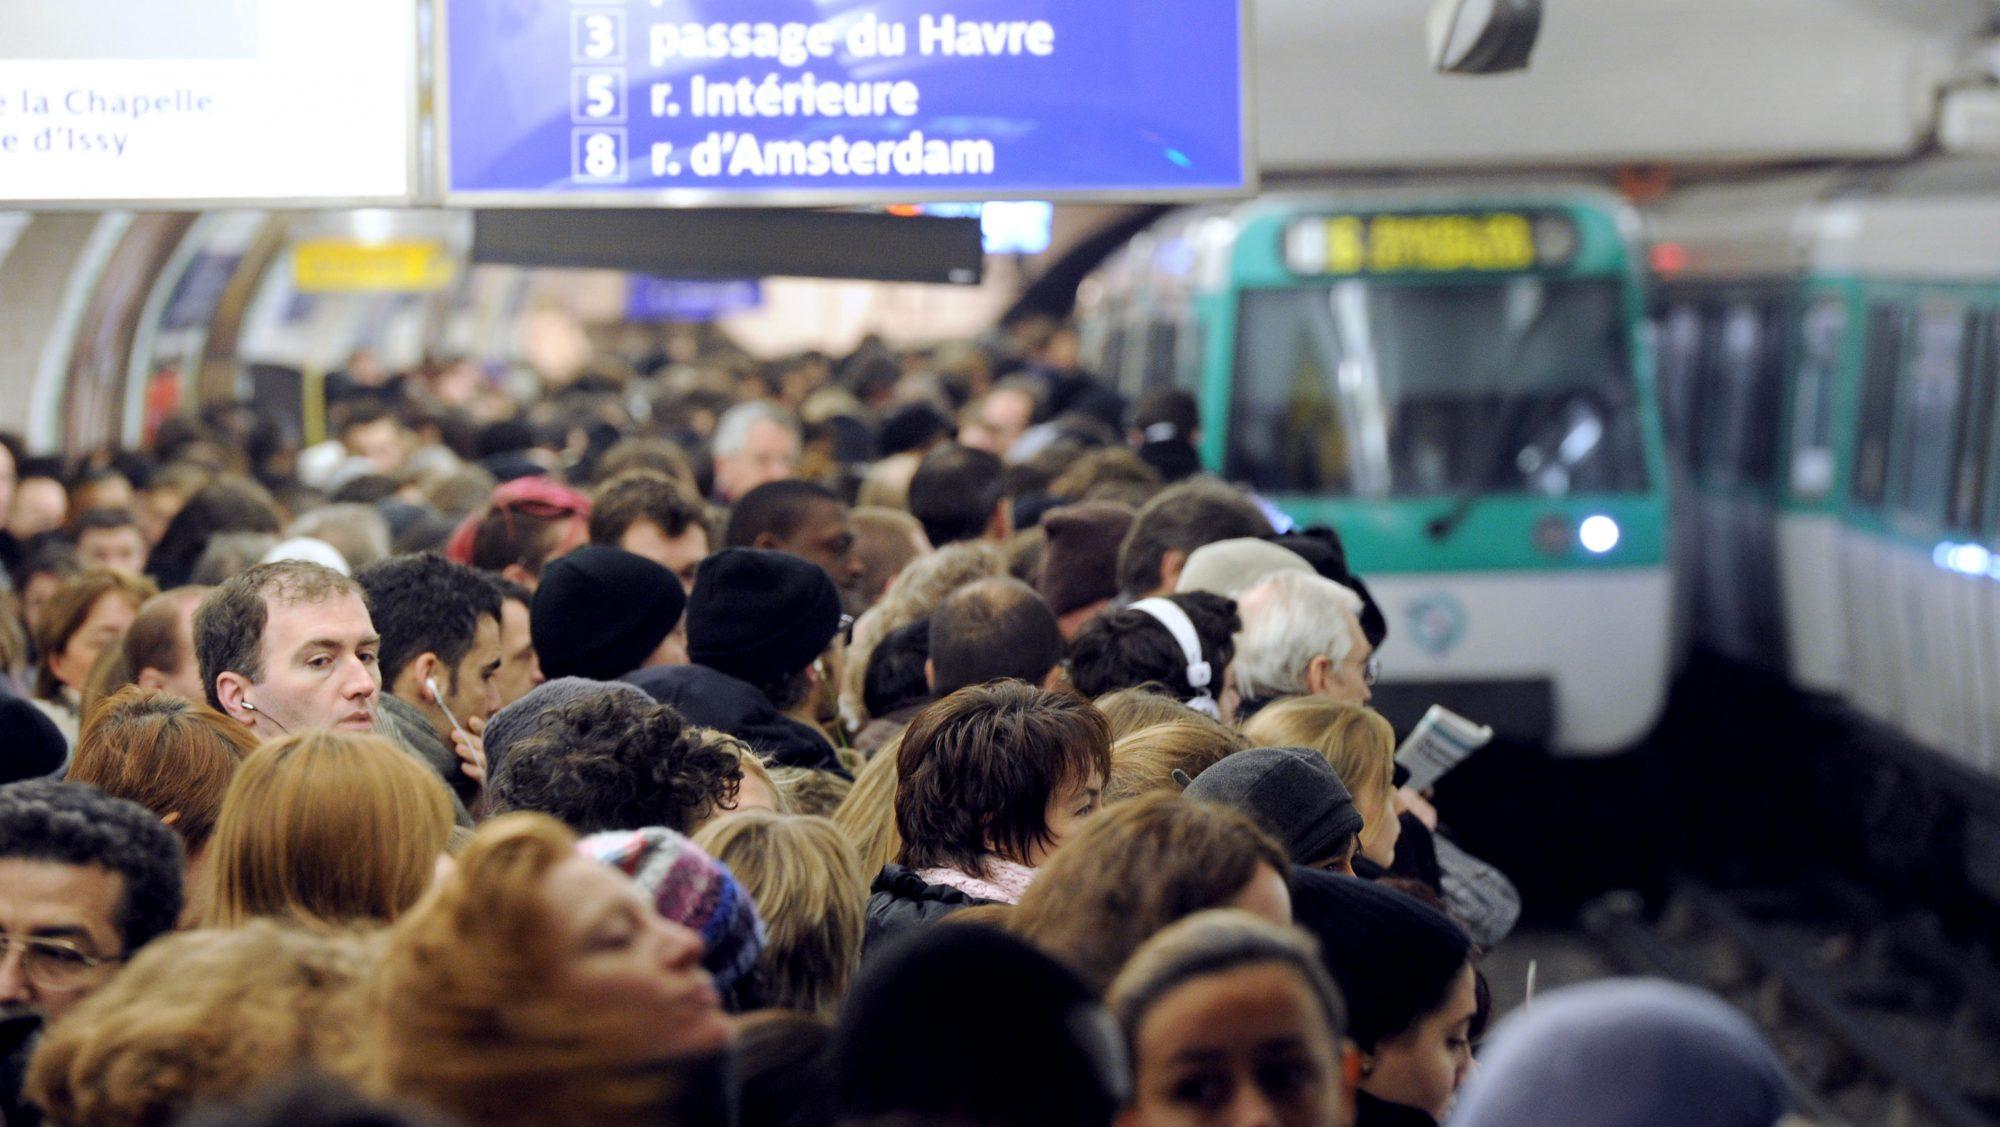 Le saviez-vous ? La ligne 13 est l'une des lignes de métro les plus bondées au monde